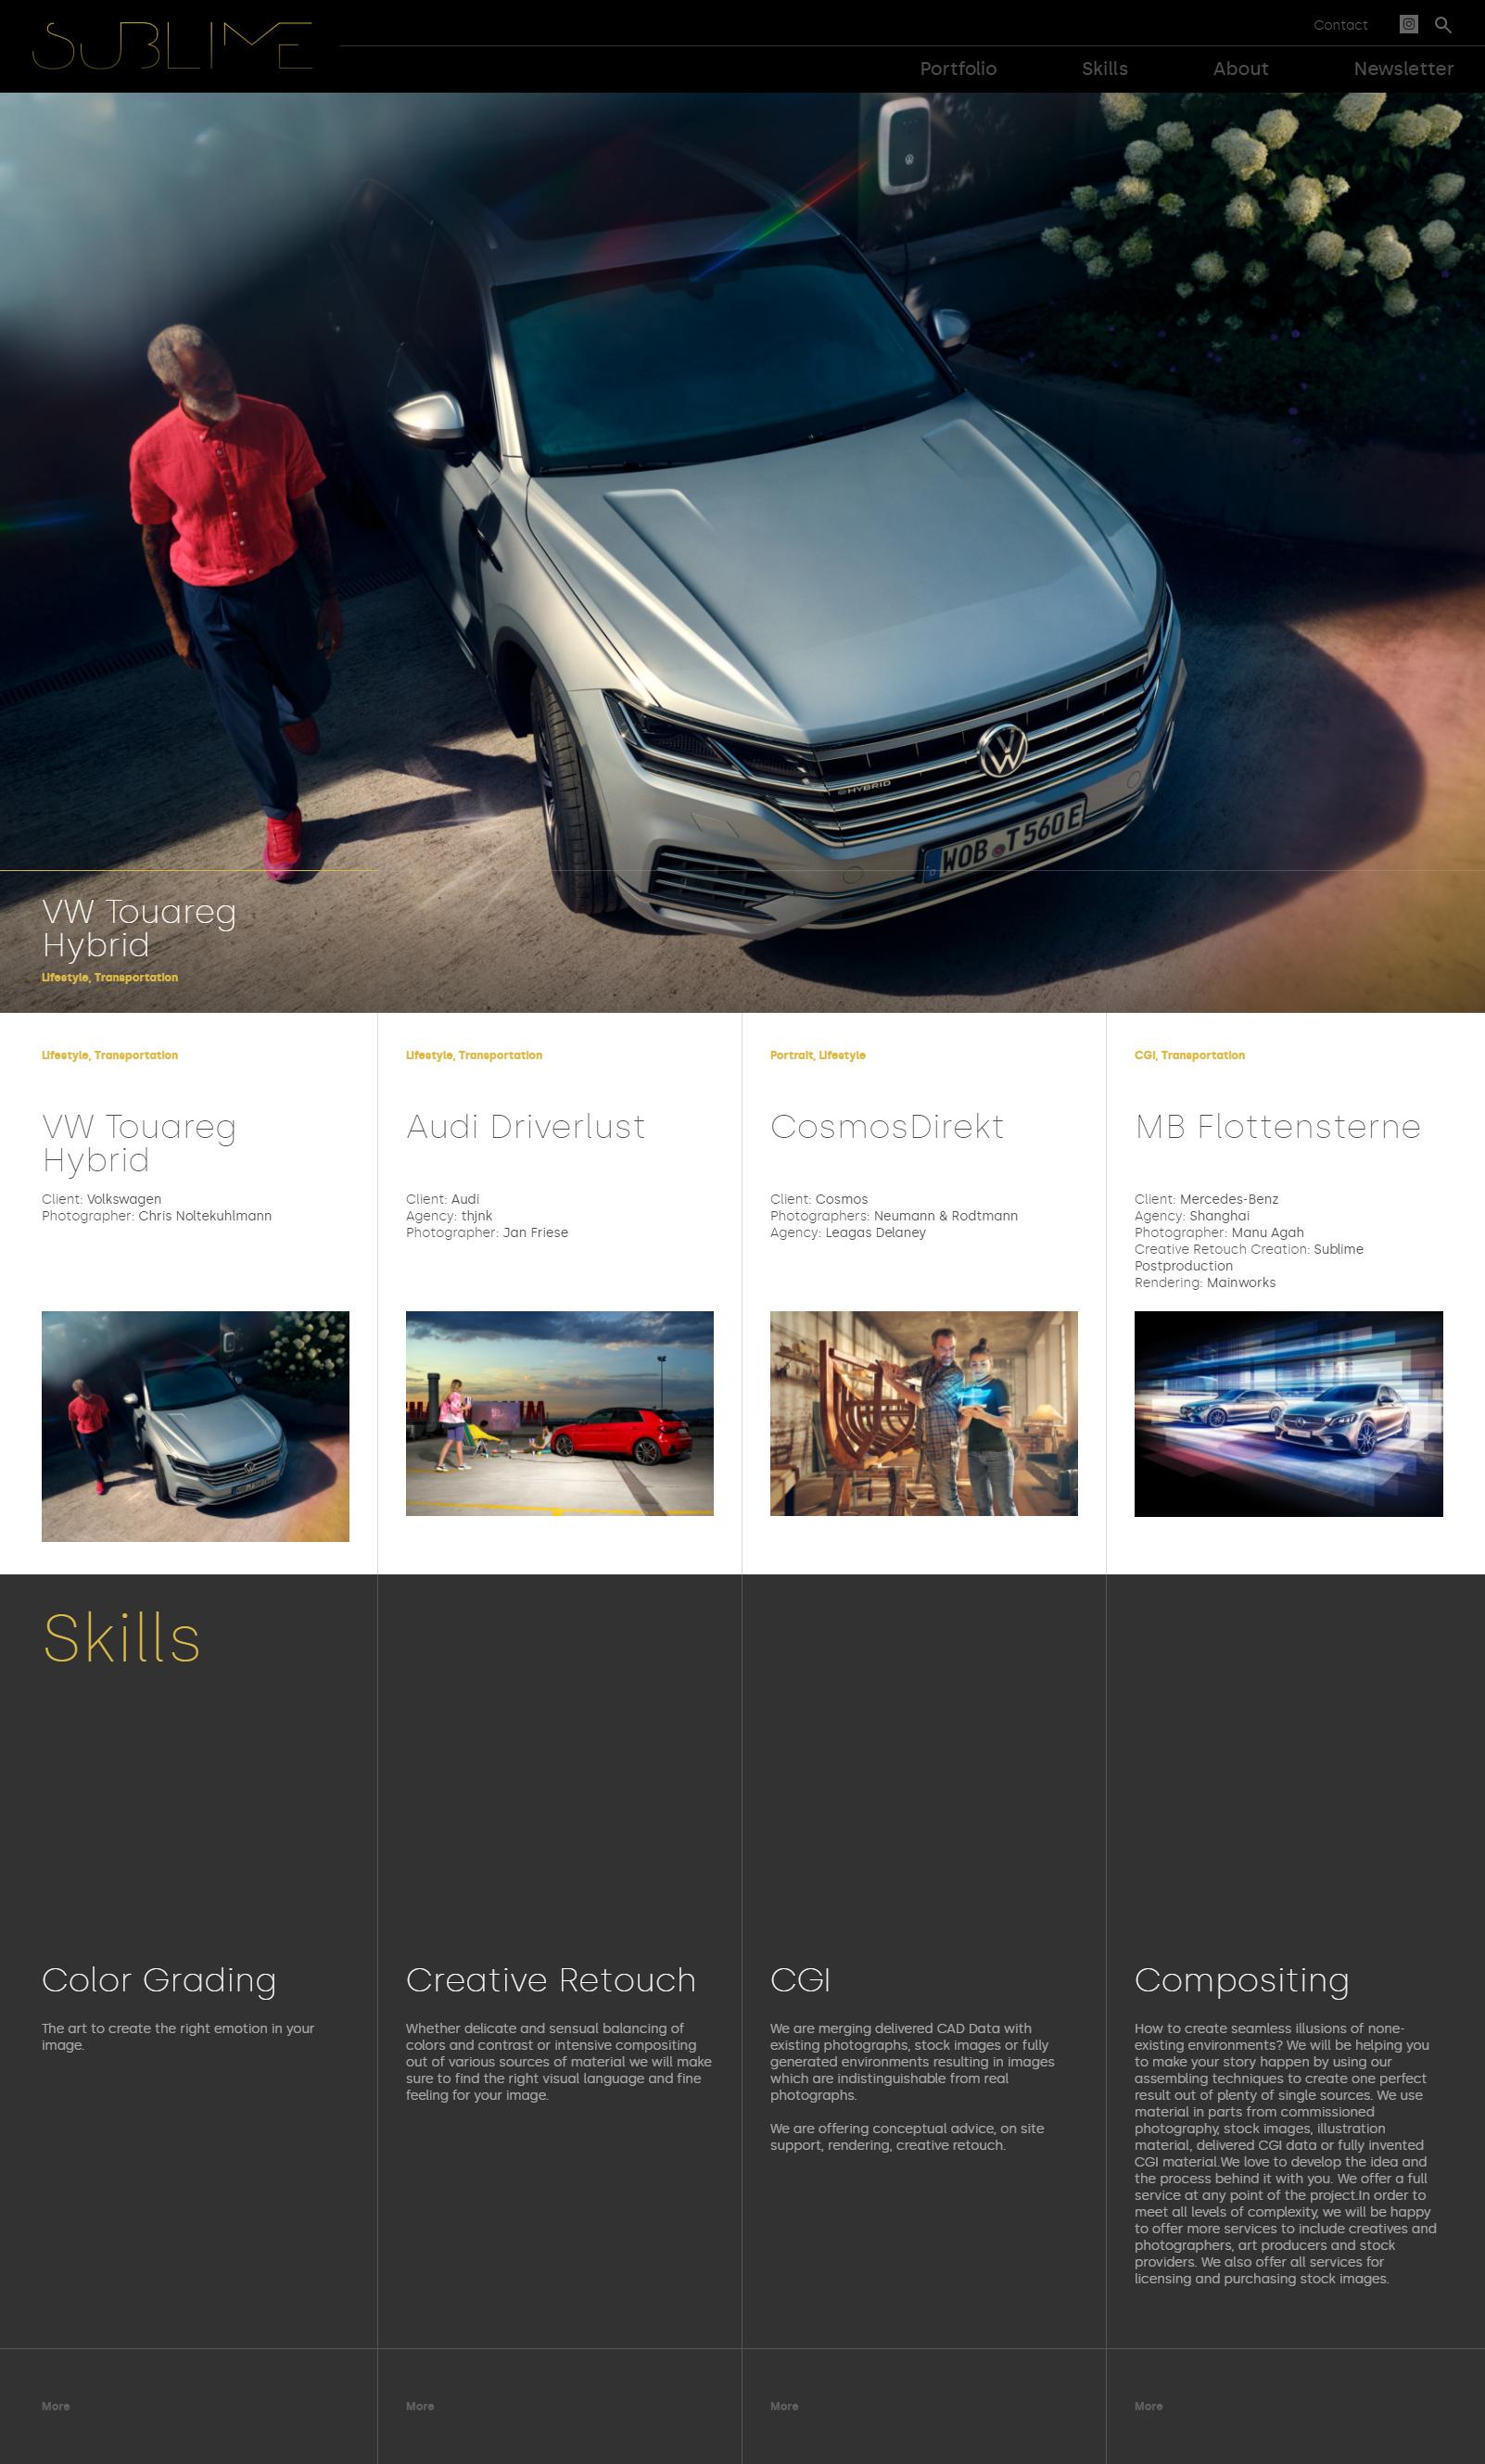 Sublime Postproduction website screenshot